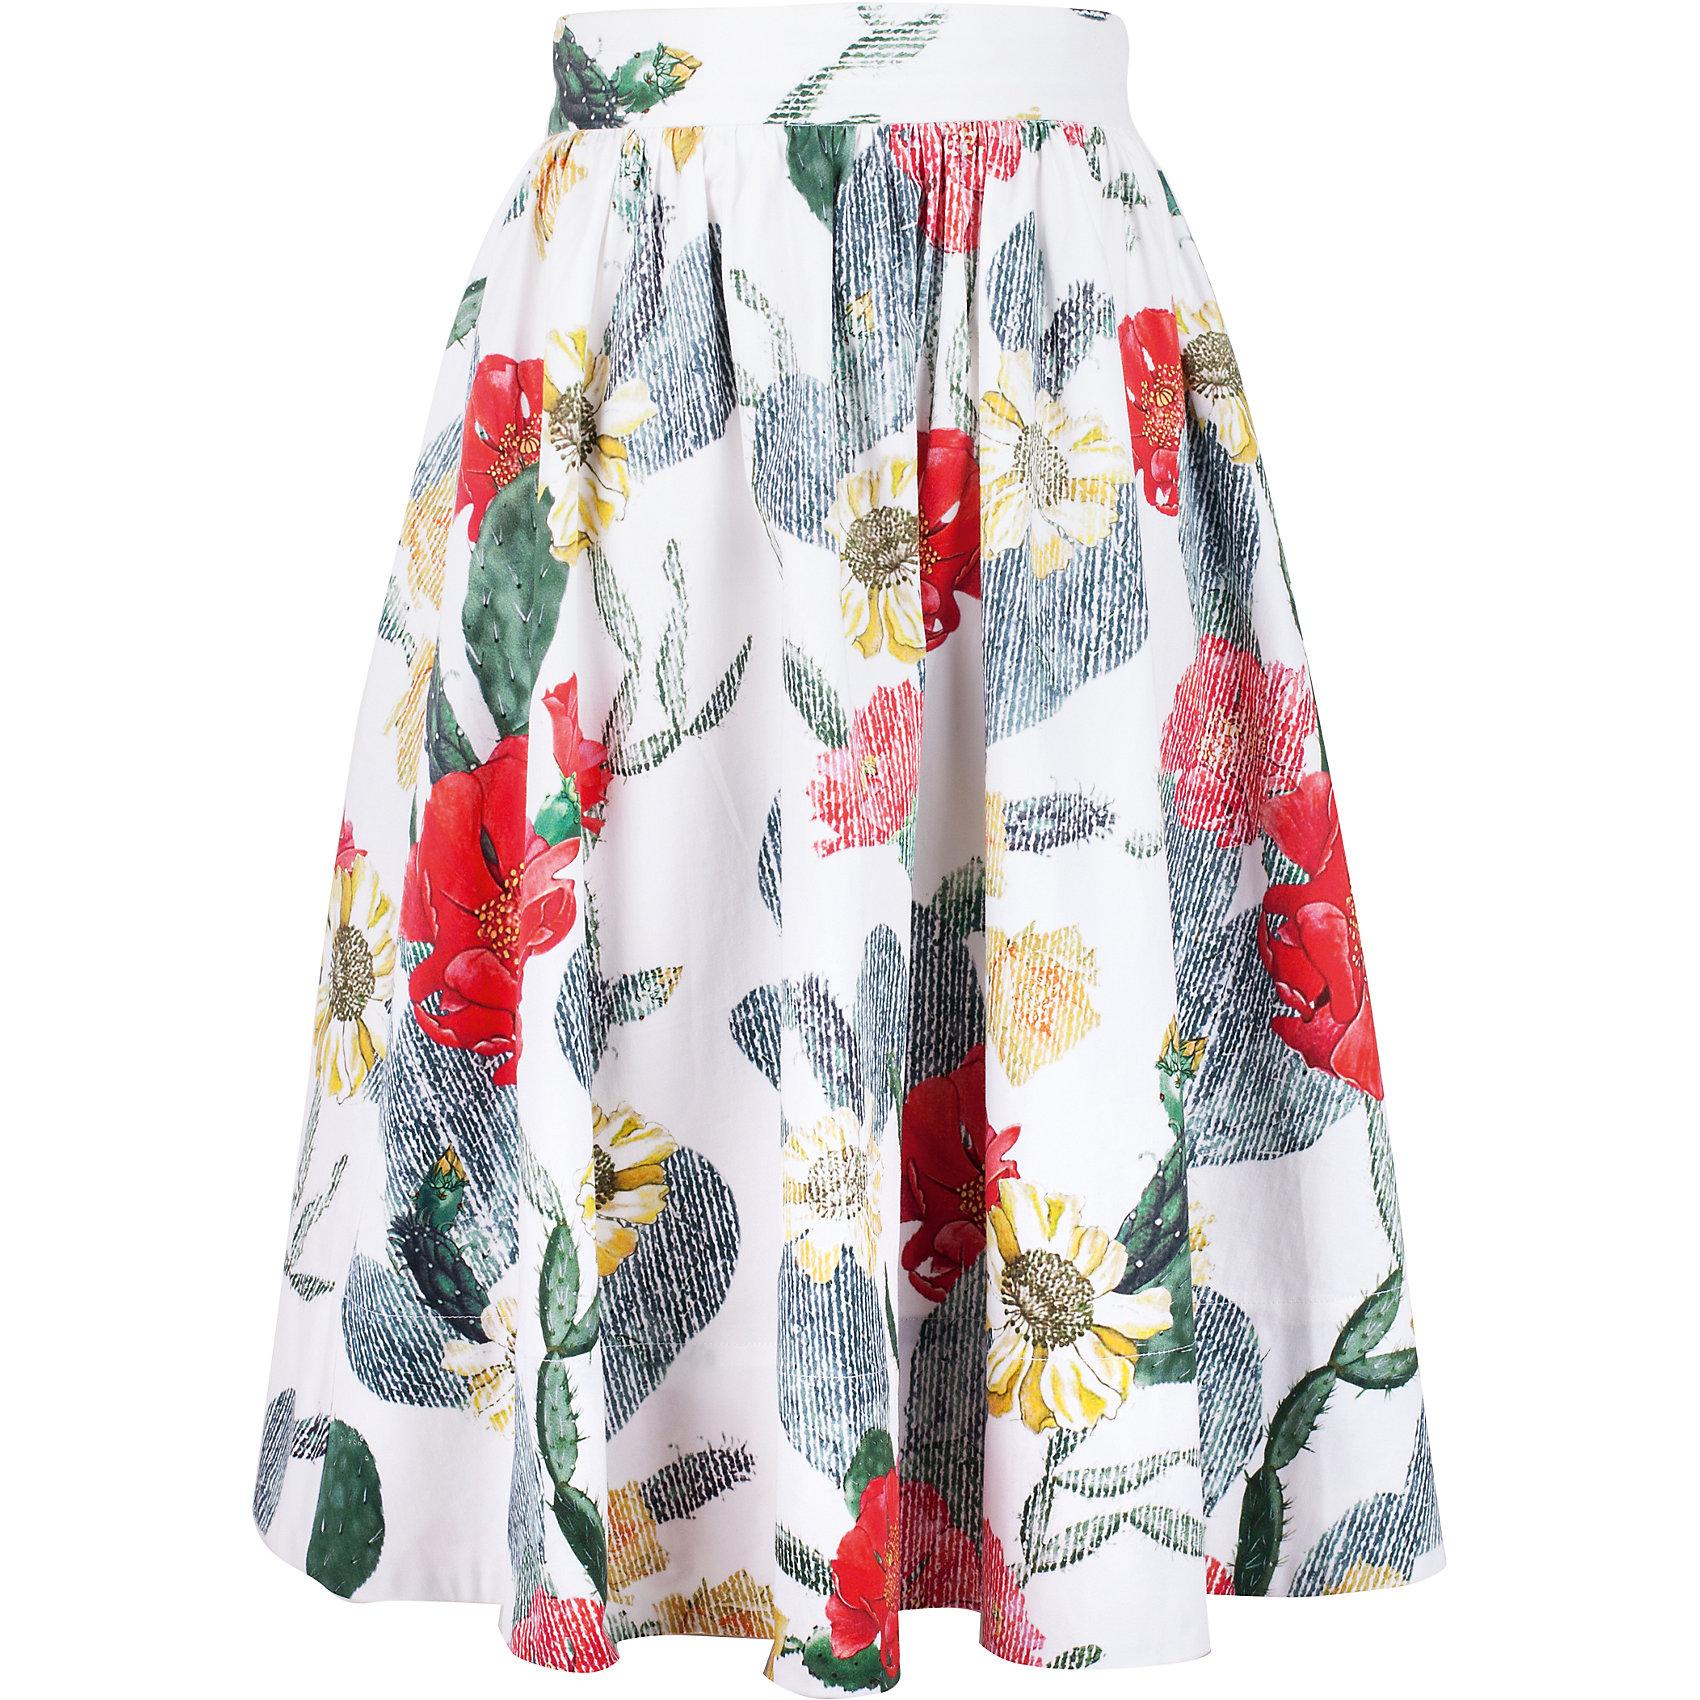 Юбка для девочки GulliverОдежда<br>Яркая текстильная юбка для девочки - прекрасный вариант для жаркого лета. Выразительный цветочный орнамент из коллекции Коста-Рика создает летнее настроение. Длина чуть ниже колен гарантирует соответствие модным трендам. С блузкой, футболкой, топом юбка составляет отличный комплект. Если вы хотите купить стильную юбку для девочки, которая сделает ее образ эффектным и запоминающимся, эта модель - отличный выбор!<br>Состав:<br>97% хлопок        3% эластан<br><br>Ширина мм: 207<br>Глубина мм: 10<br>Высота мм: 189<br>Вес г: 183<br>Цвет: белый<br>Возраст от месяцев: 120<br>Возраст до месяцев: 132<br>Пол: Женский<br>Возраст: Детский<br>Размер: 164,152,158,146<br>SKU: 5483165